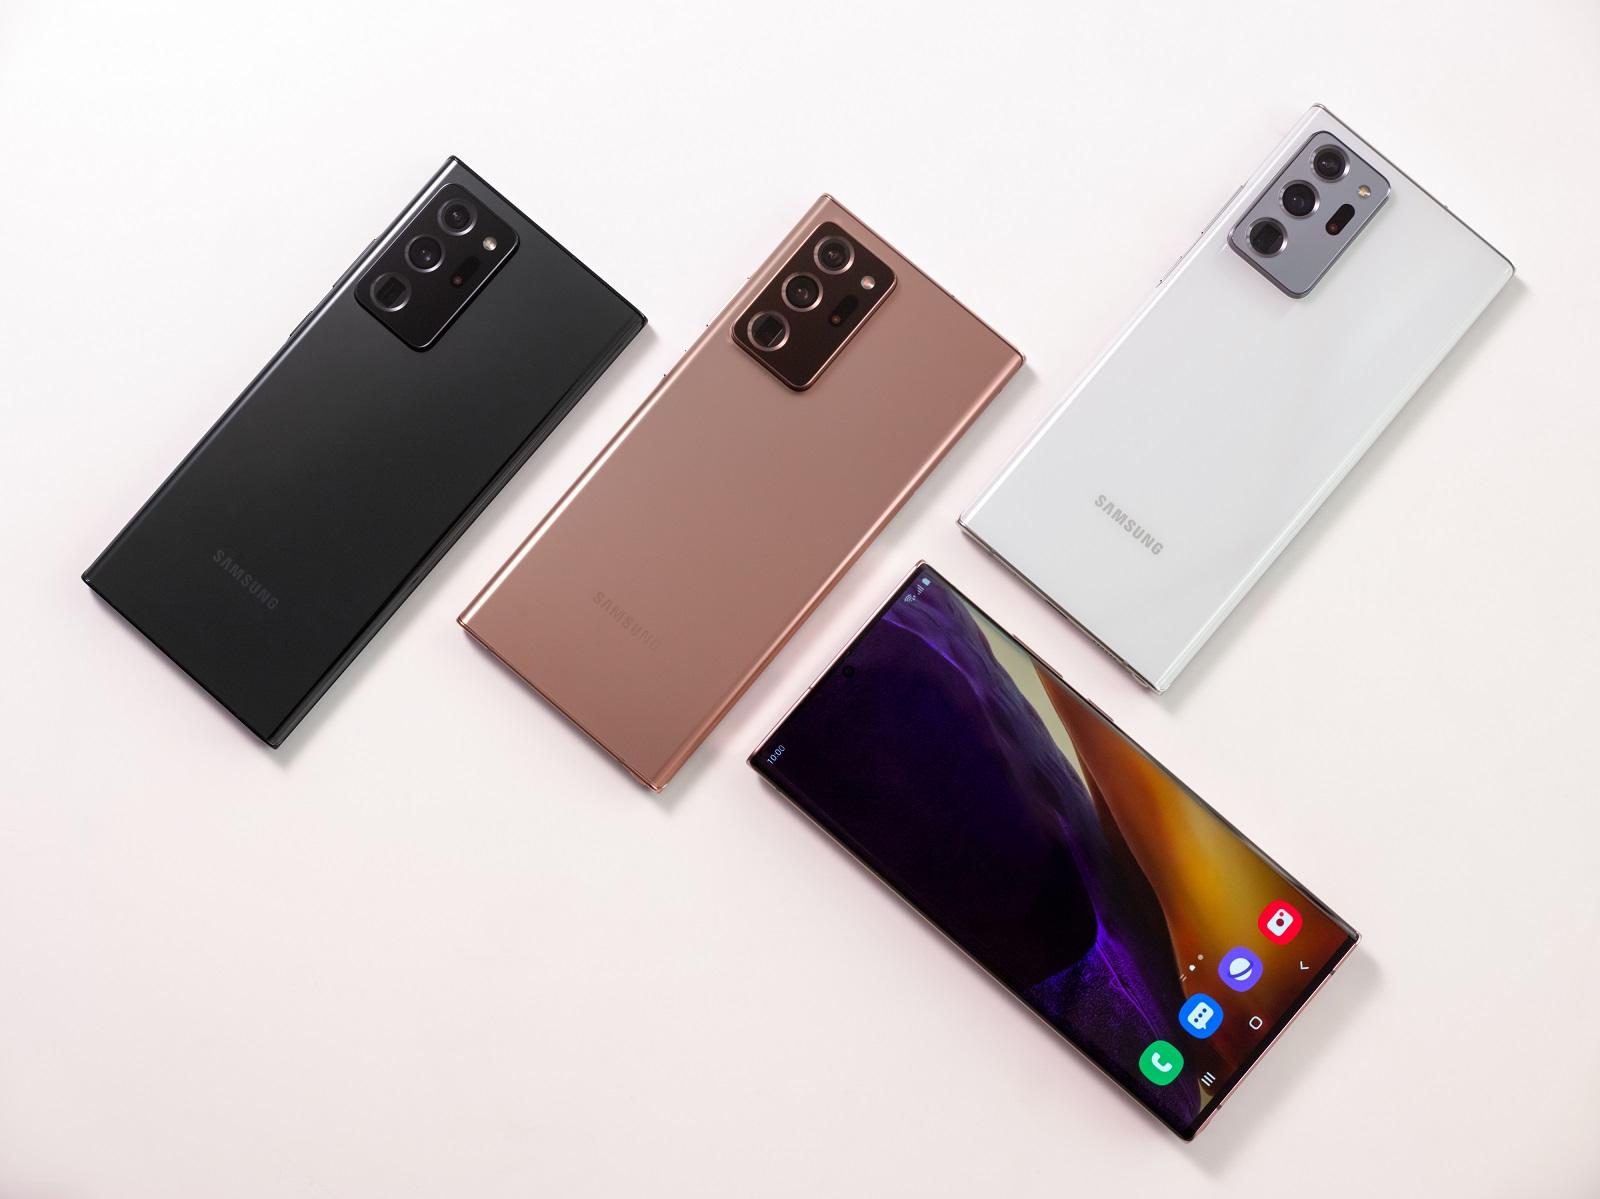 Samsung presenta Galaxy Note20: más potencia para trabajar y jugar